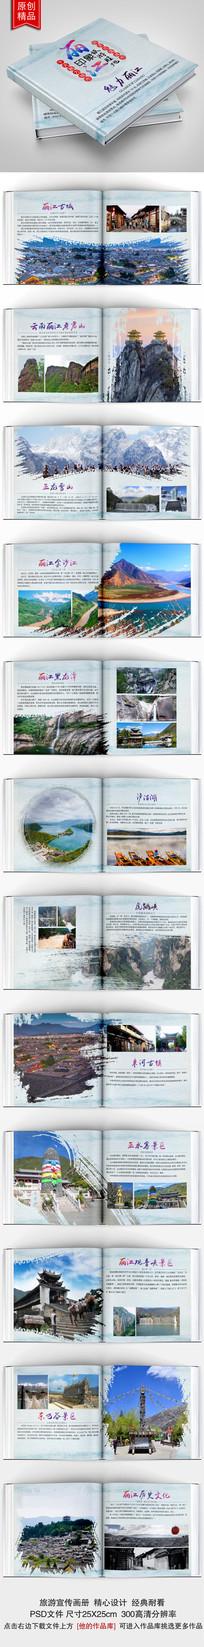 经典中国风丽江印象旅游画册